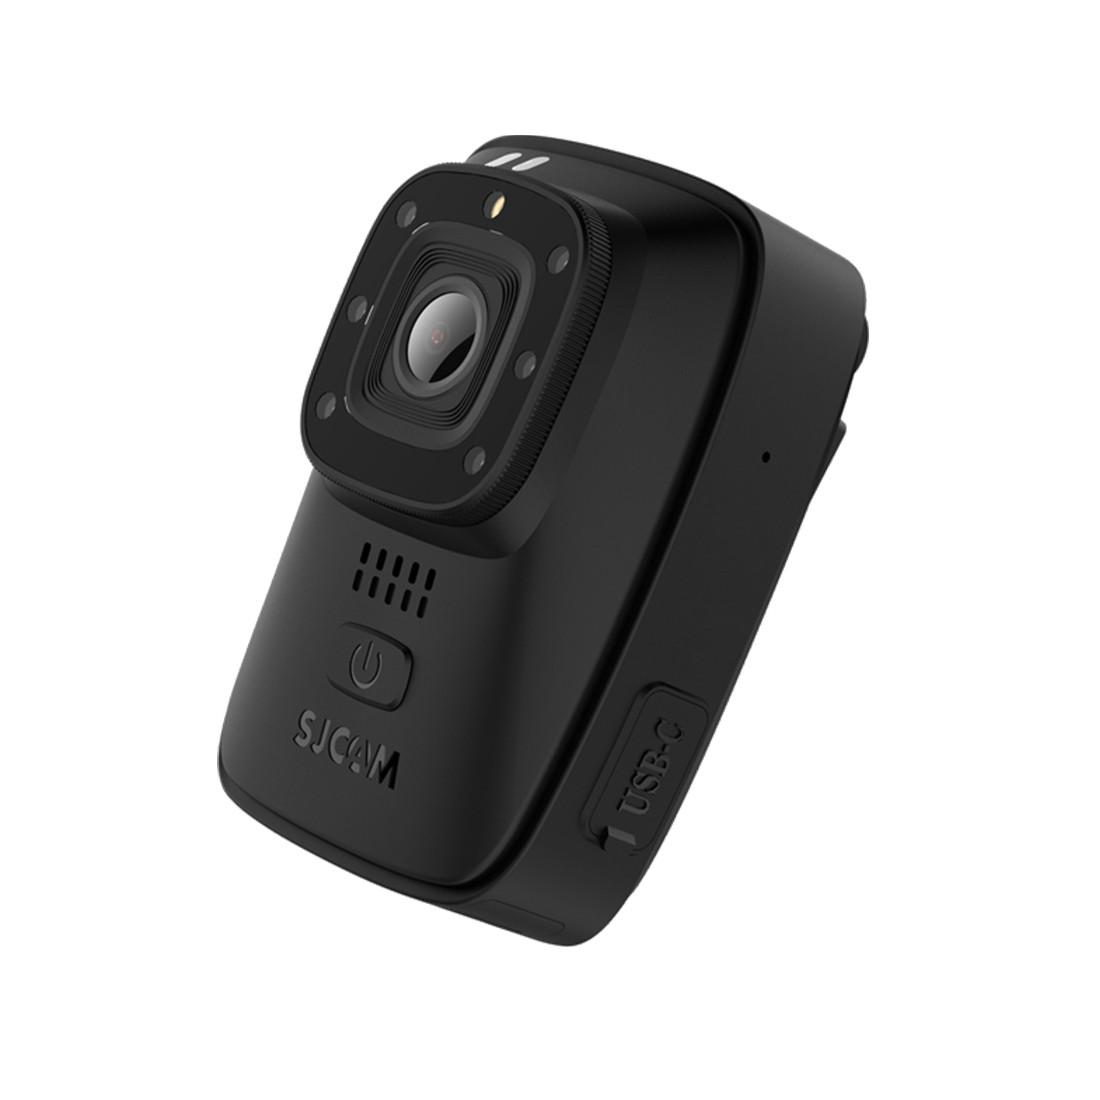 Экшн-камера, SJCAM, A10